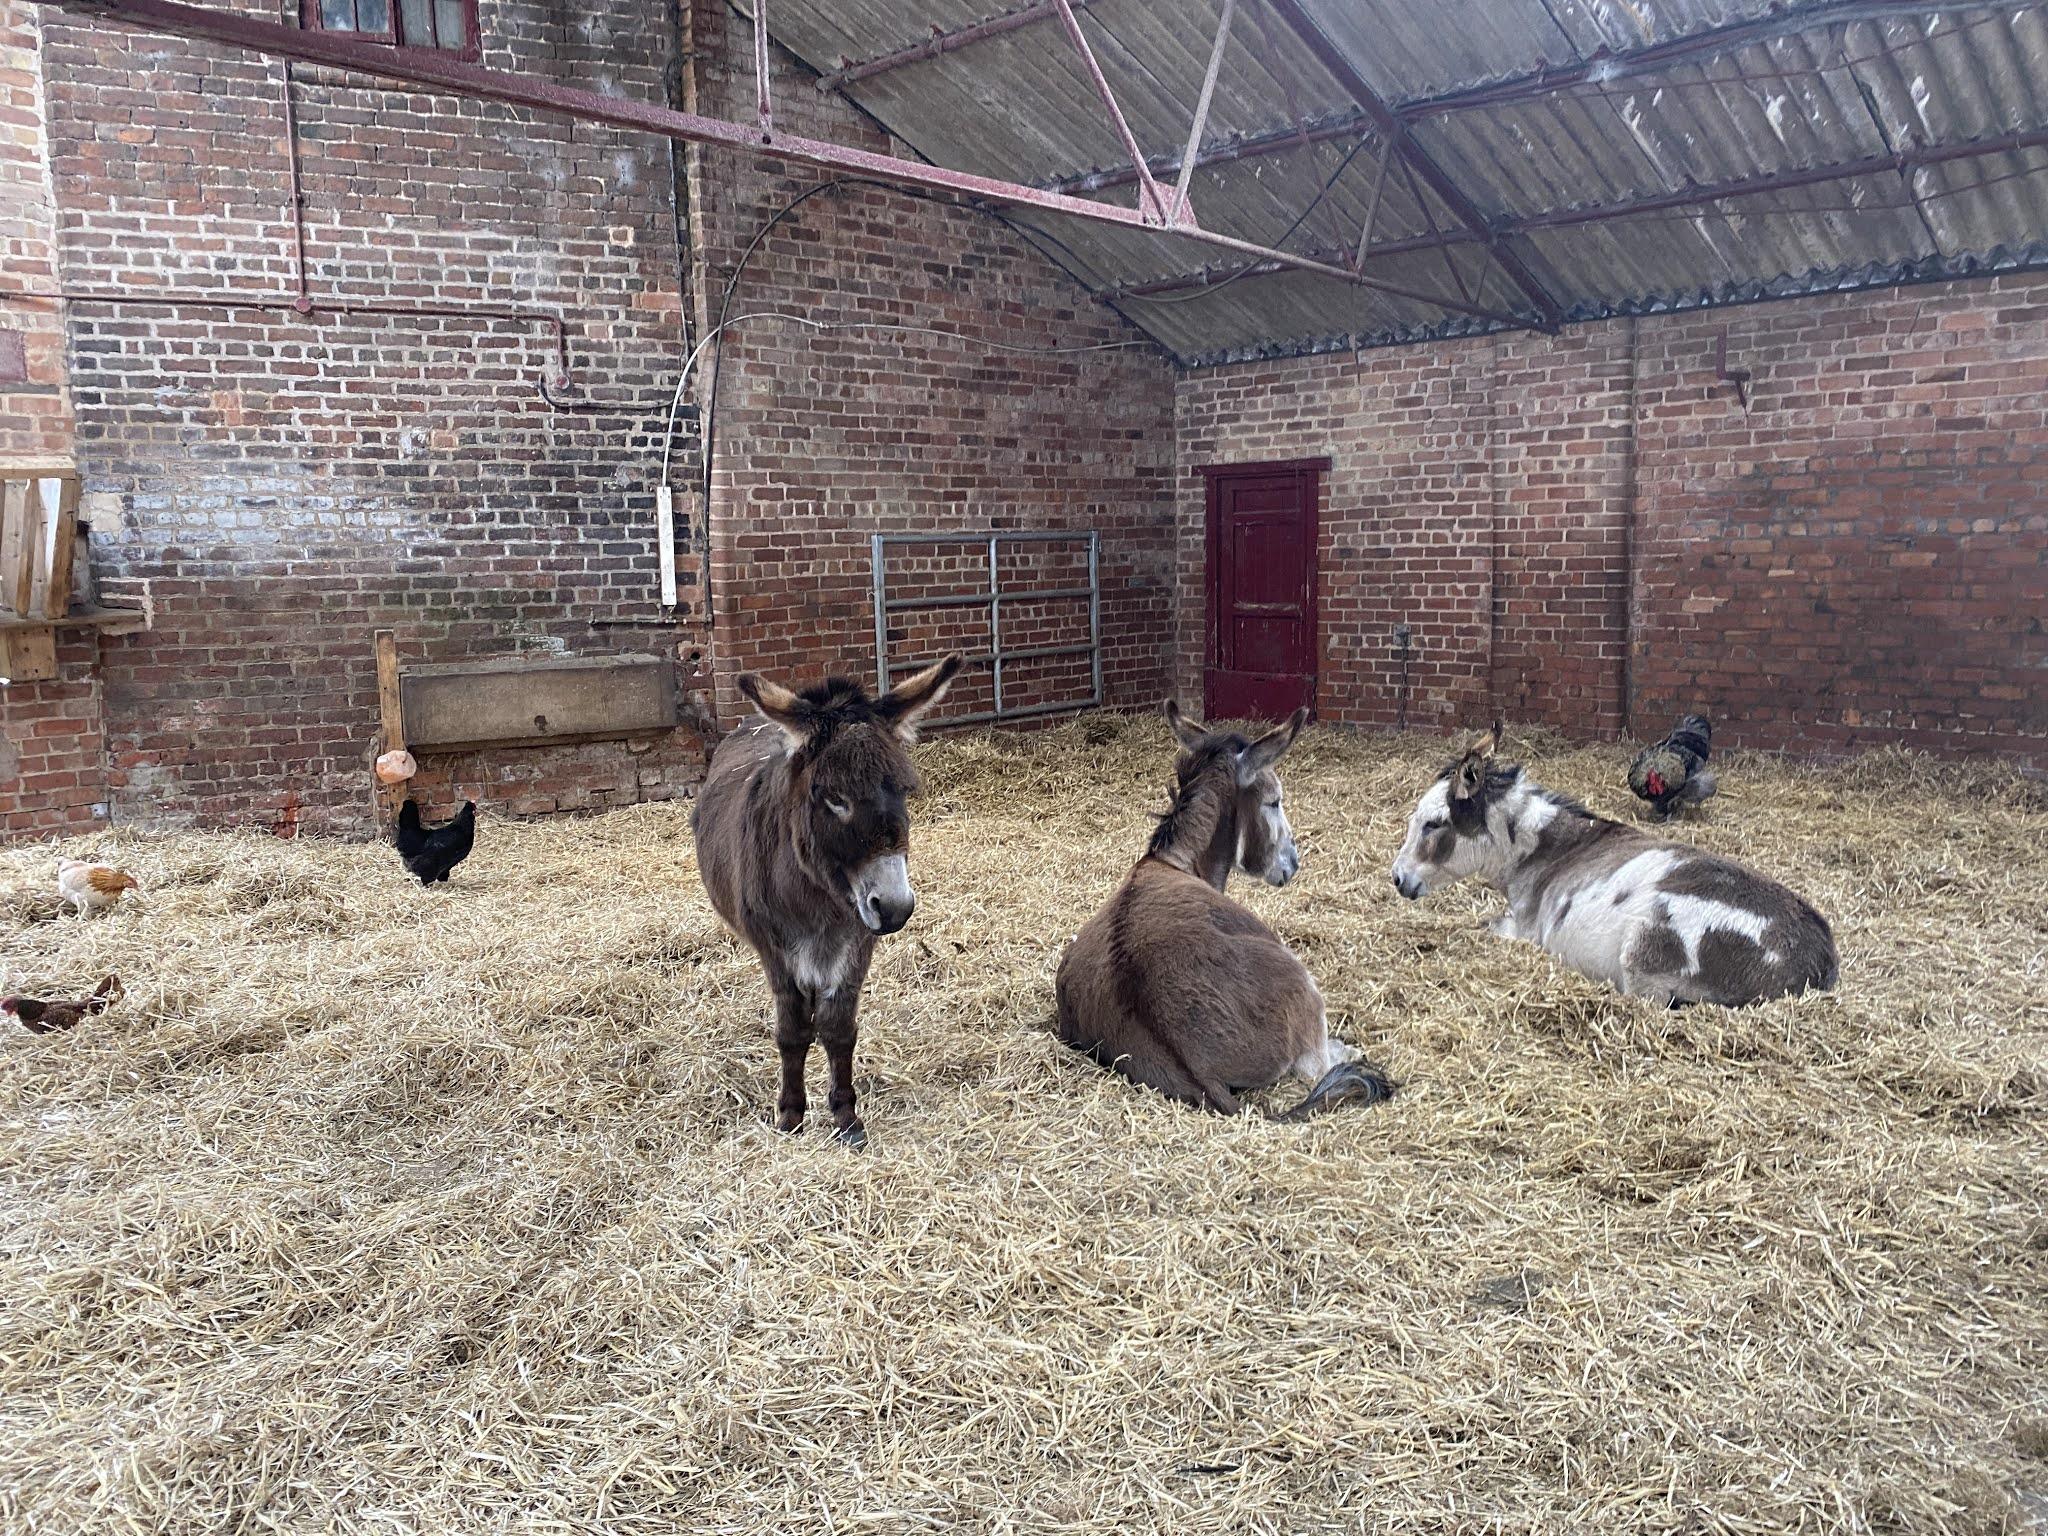 donkeys on the farm